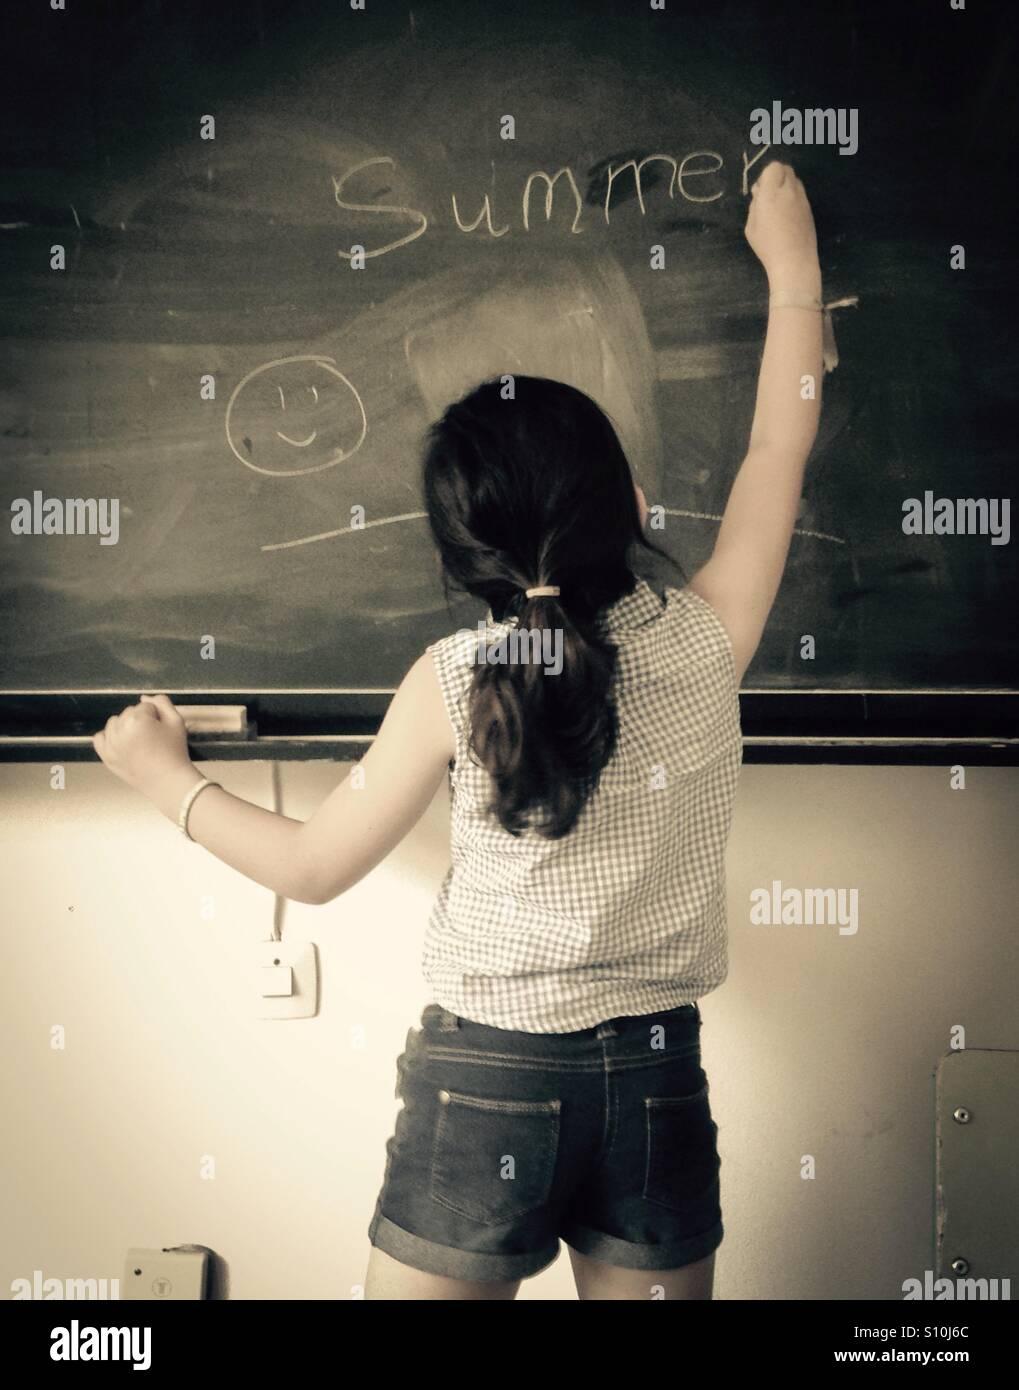 Las vacaciones escolares de verano Imagen De Stock